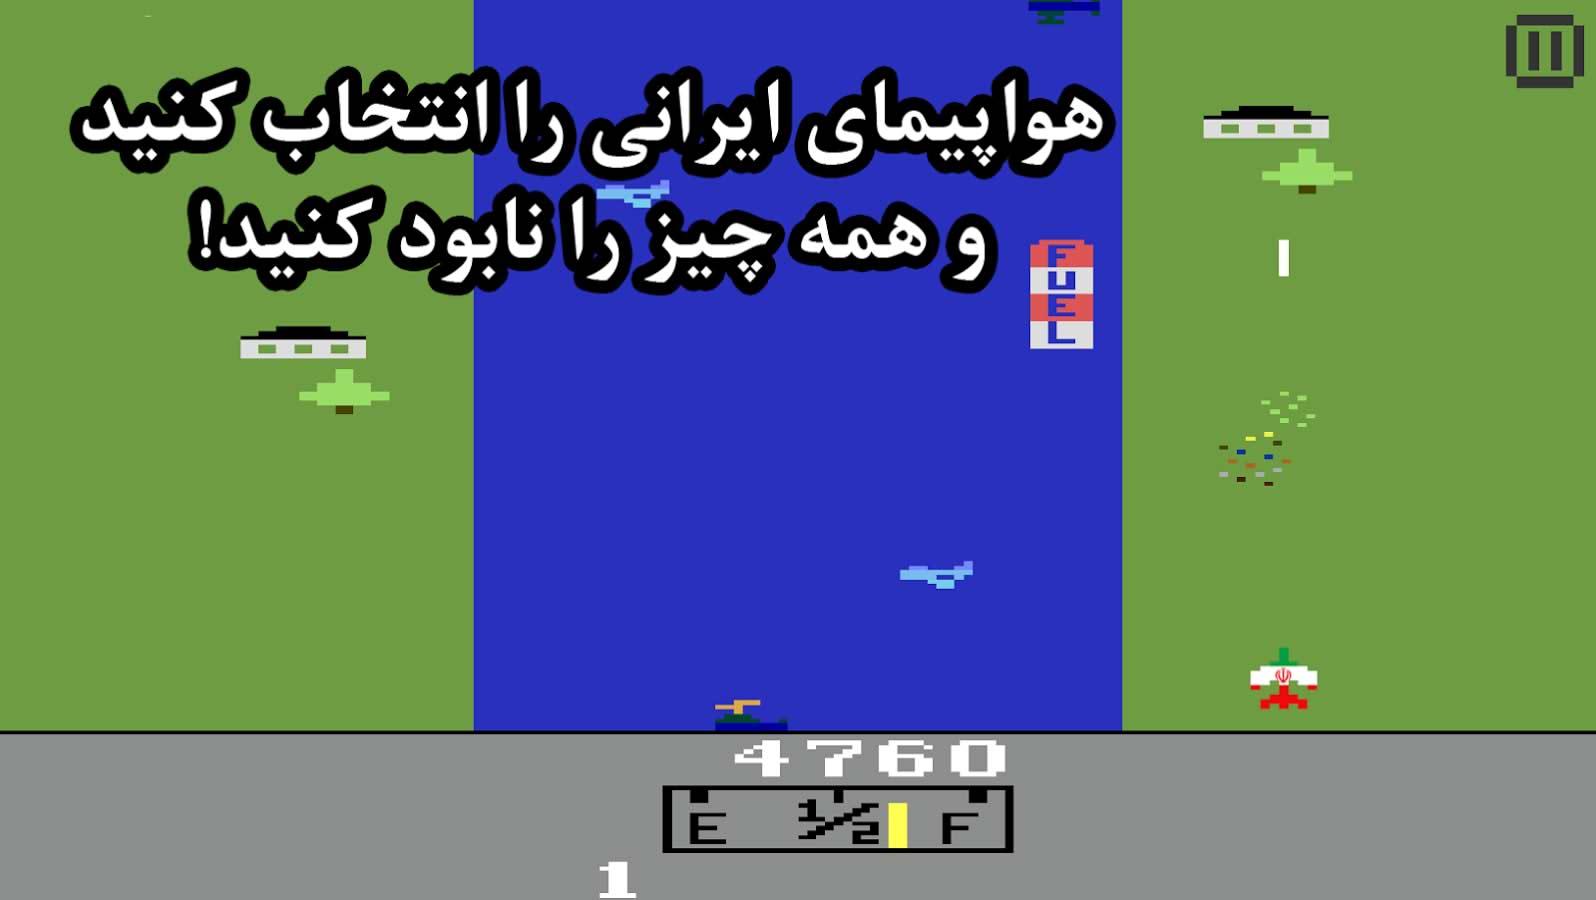 دانلود بازی ایرانی هواپیمای آتاری برای اندروید - دانلود بازی ایرانی اندروید